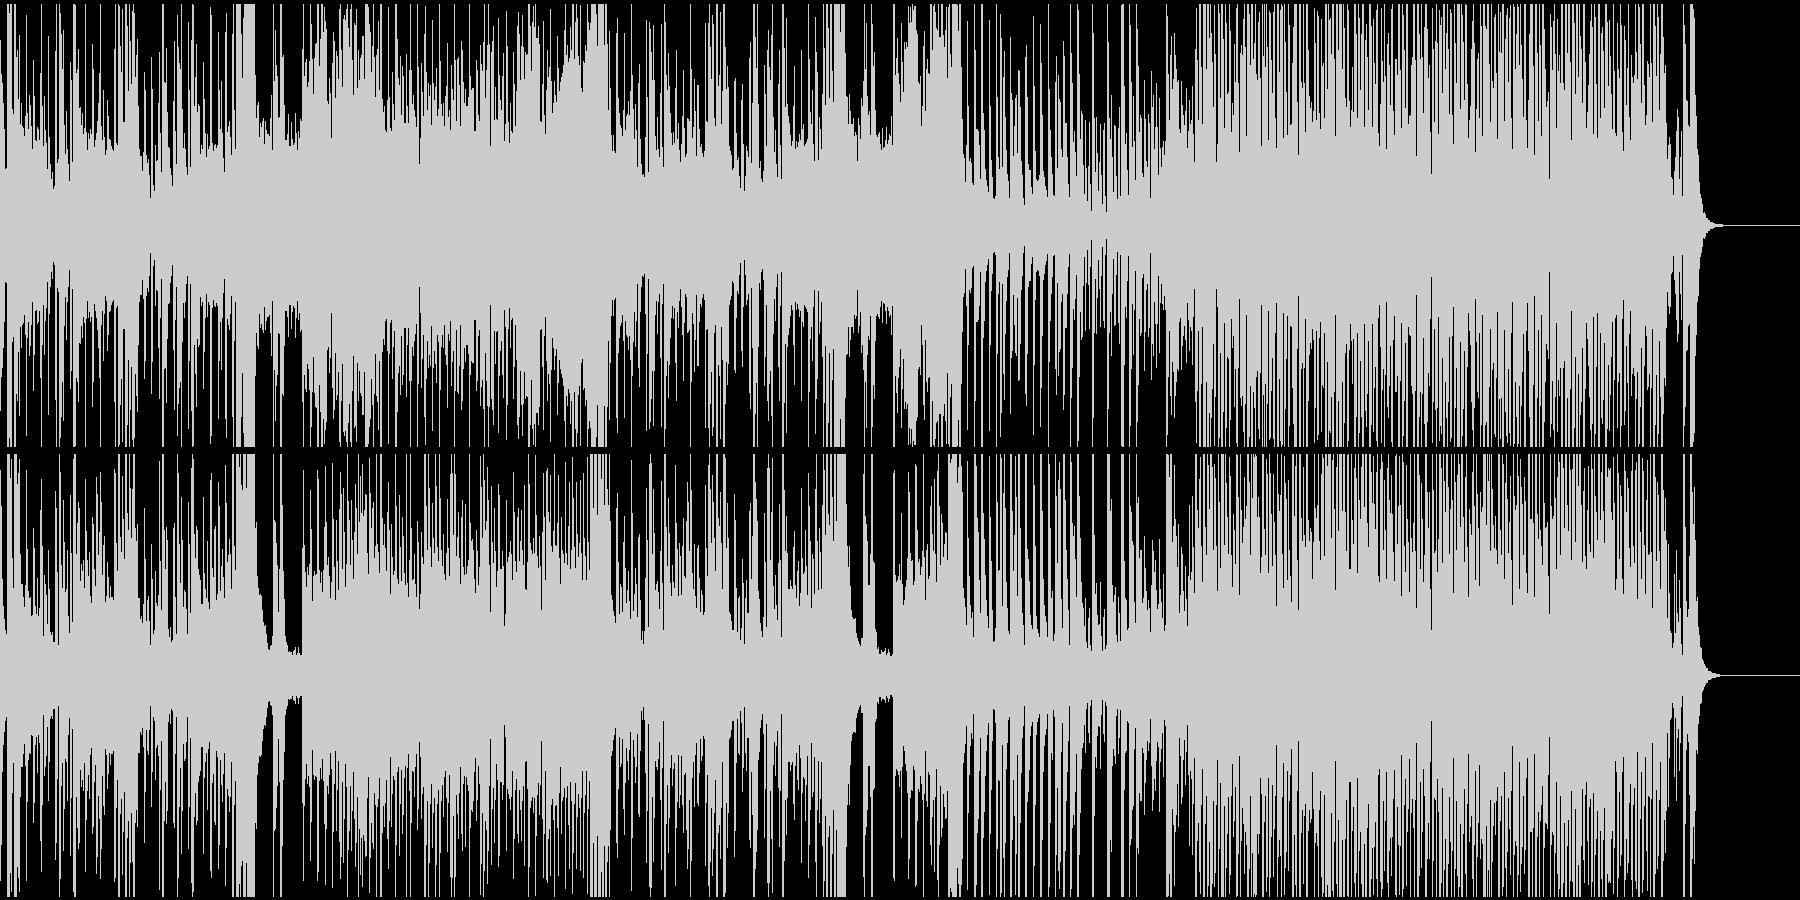 和風 珍道中の未再生の波形